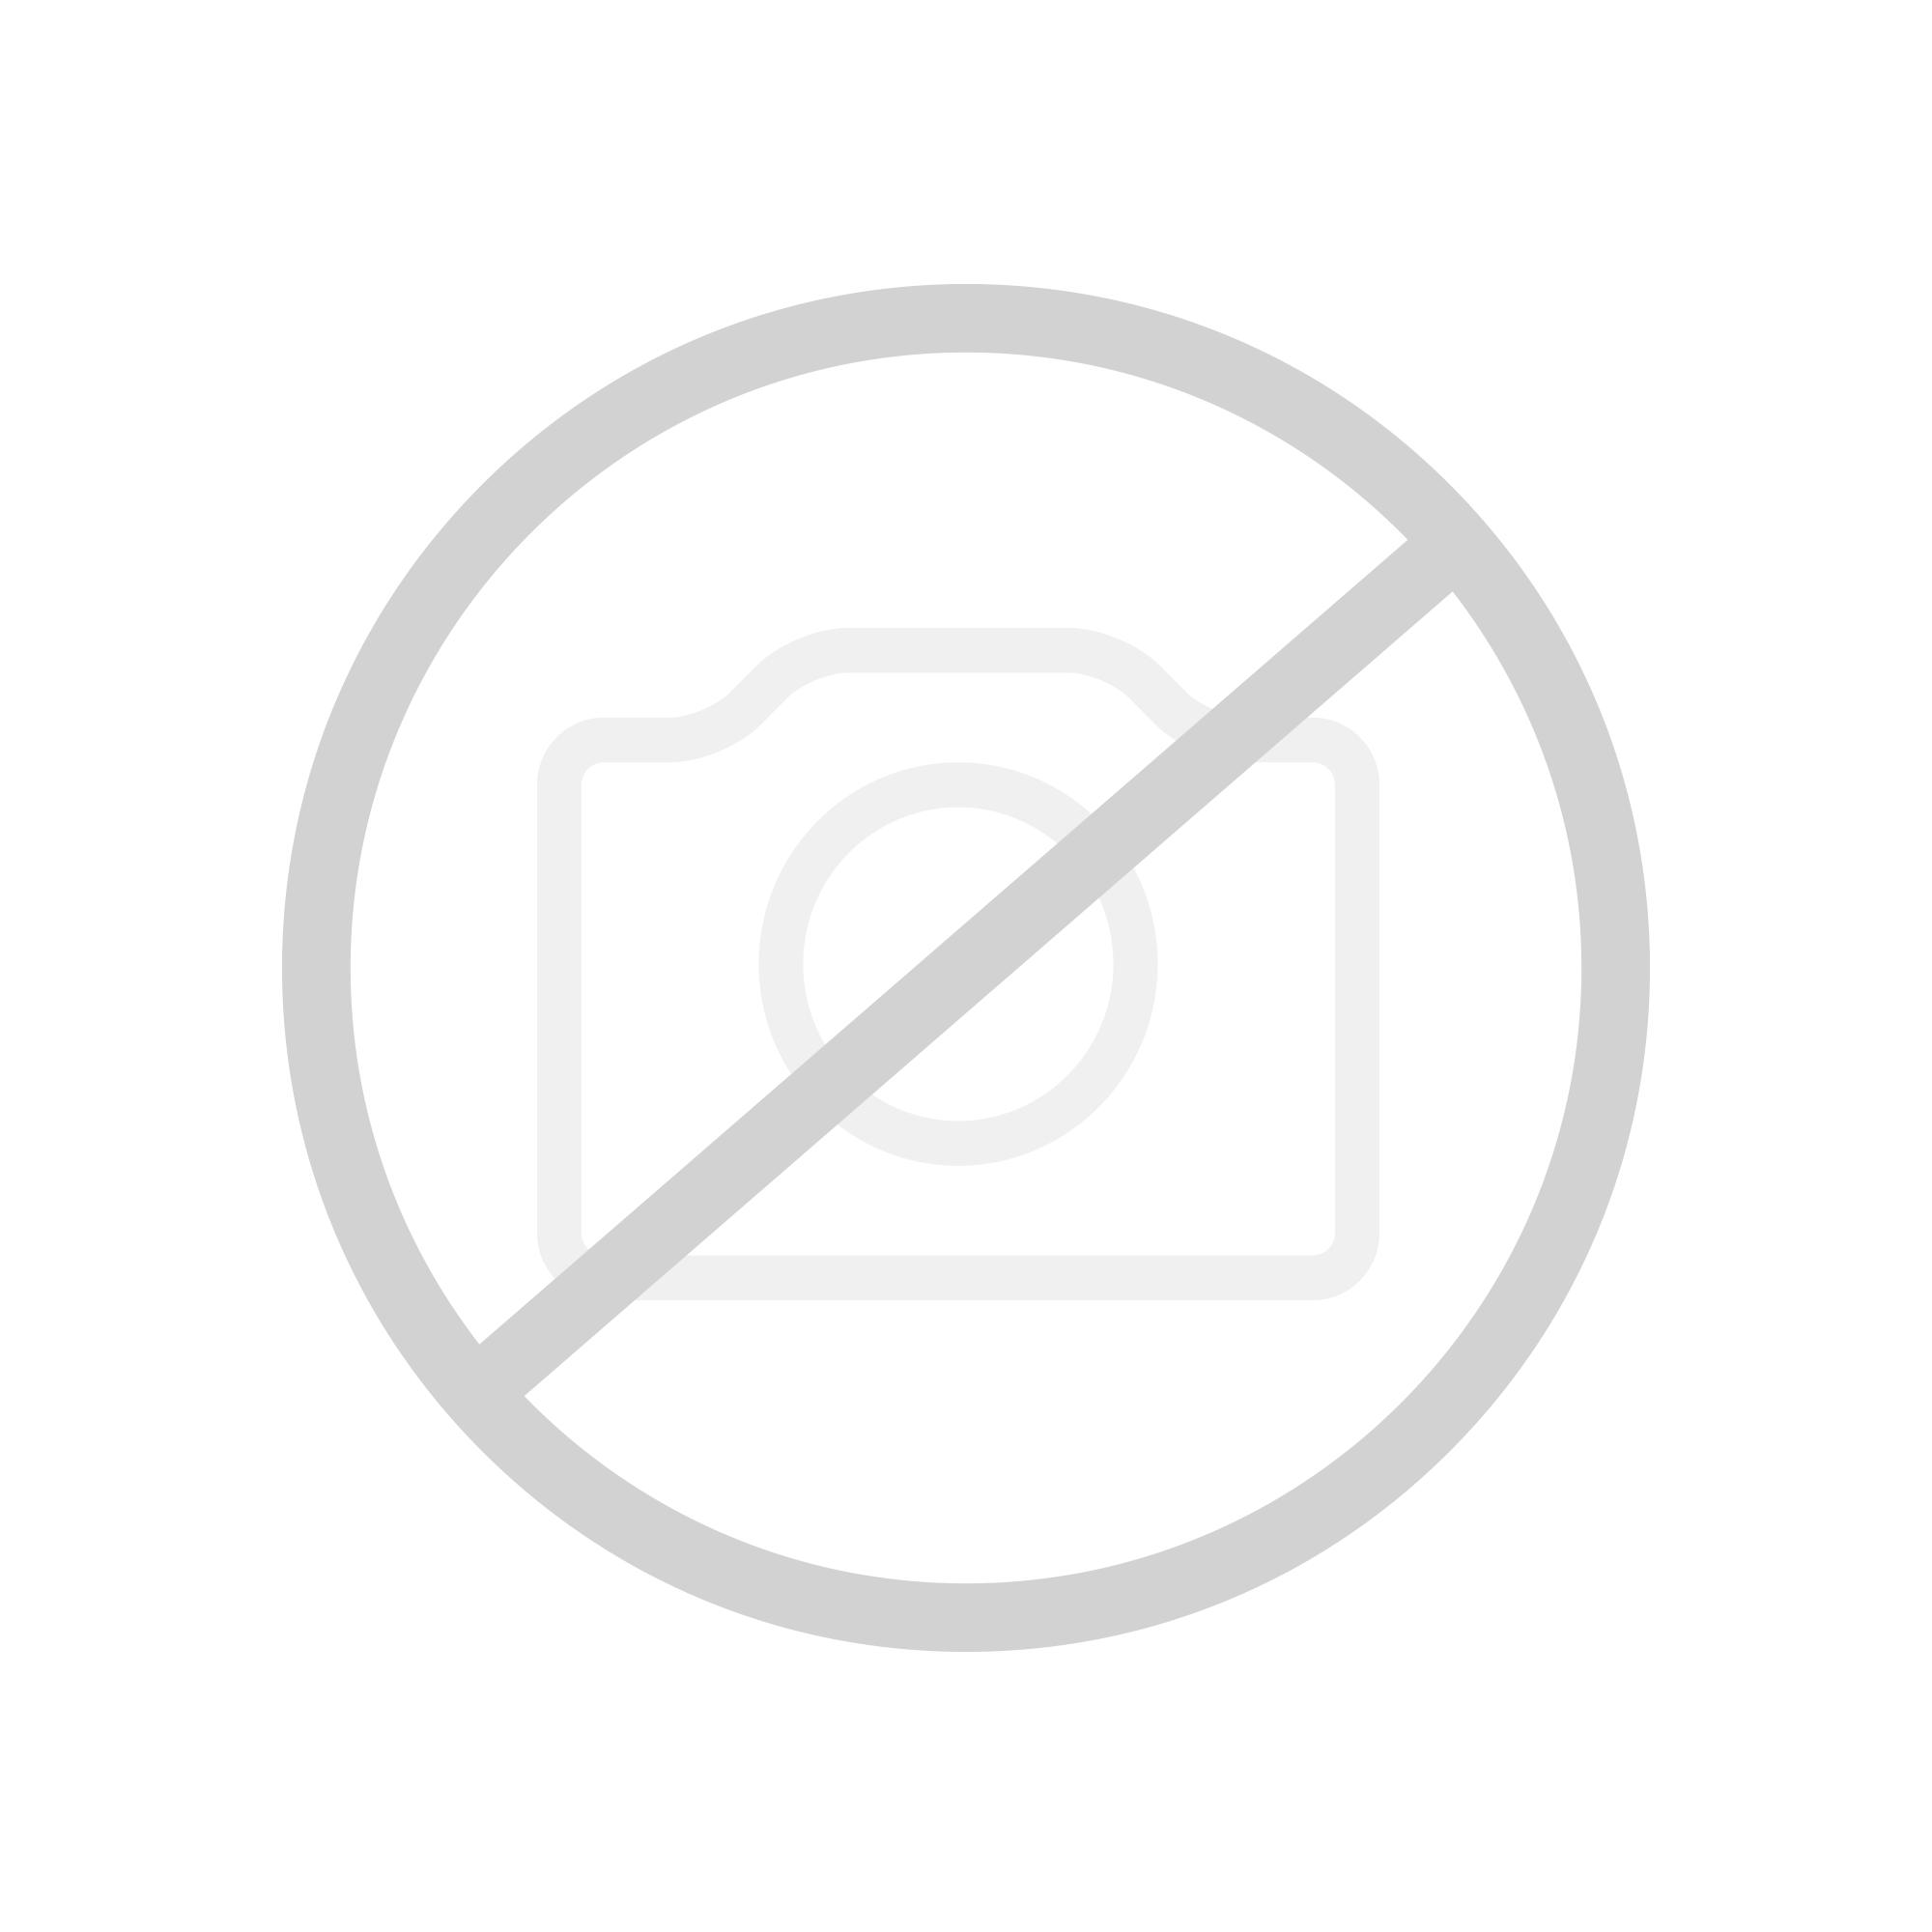 kaldewei centro duo ovale badewanne mit verkleidung pergamon perl effekt 282848573231 reuter. Black Bedroom Furniture Sets. Home Design Ideas